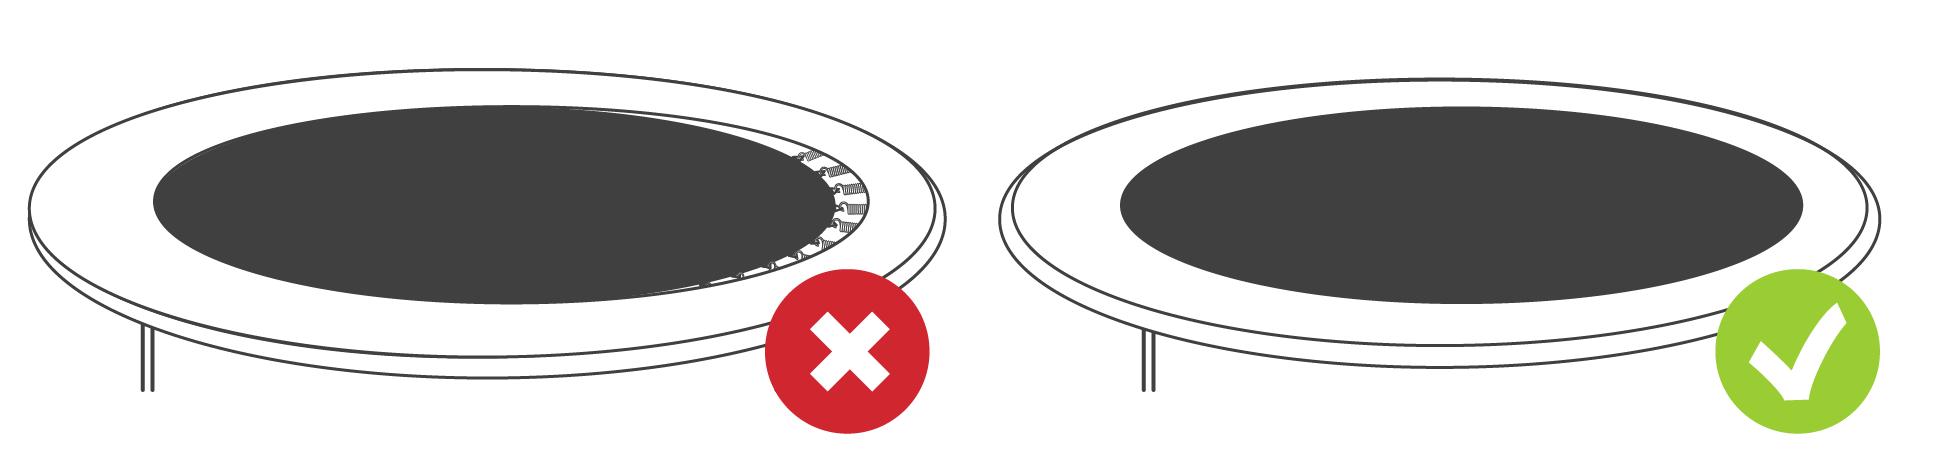 Schema: Anbringen eines Trampolin Schutzrandes